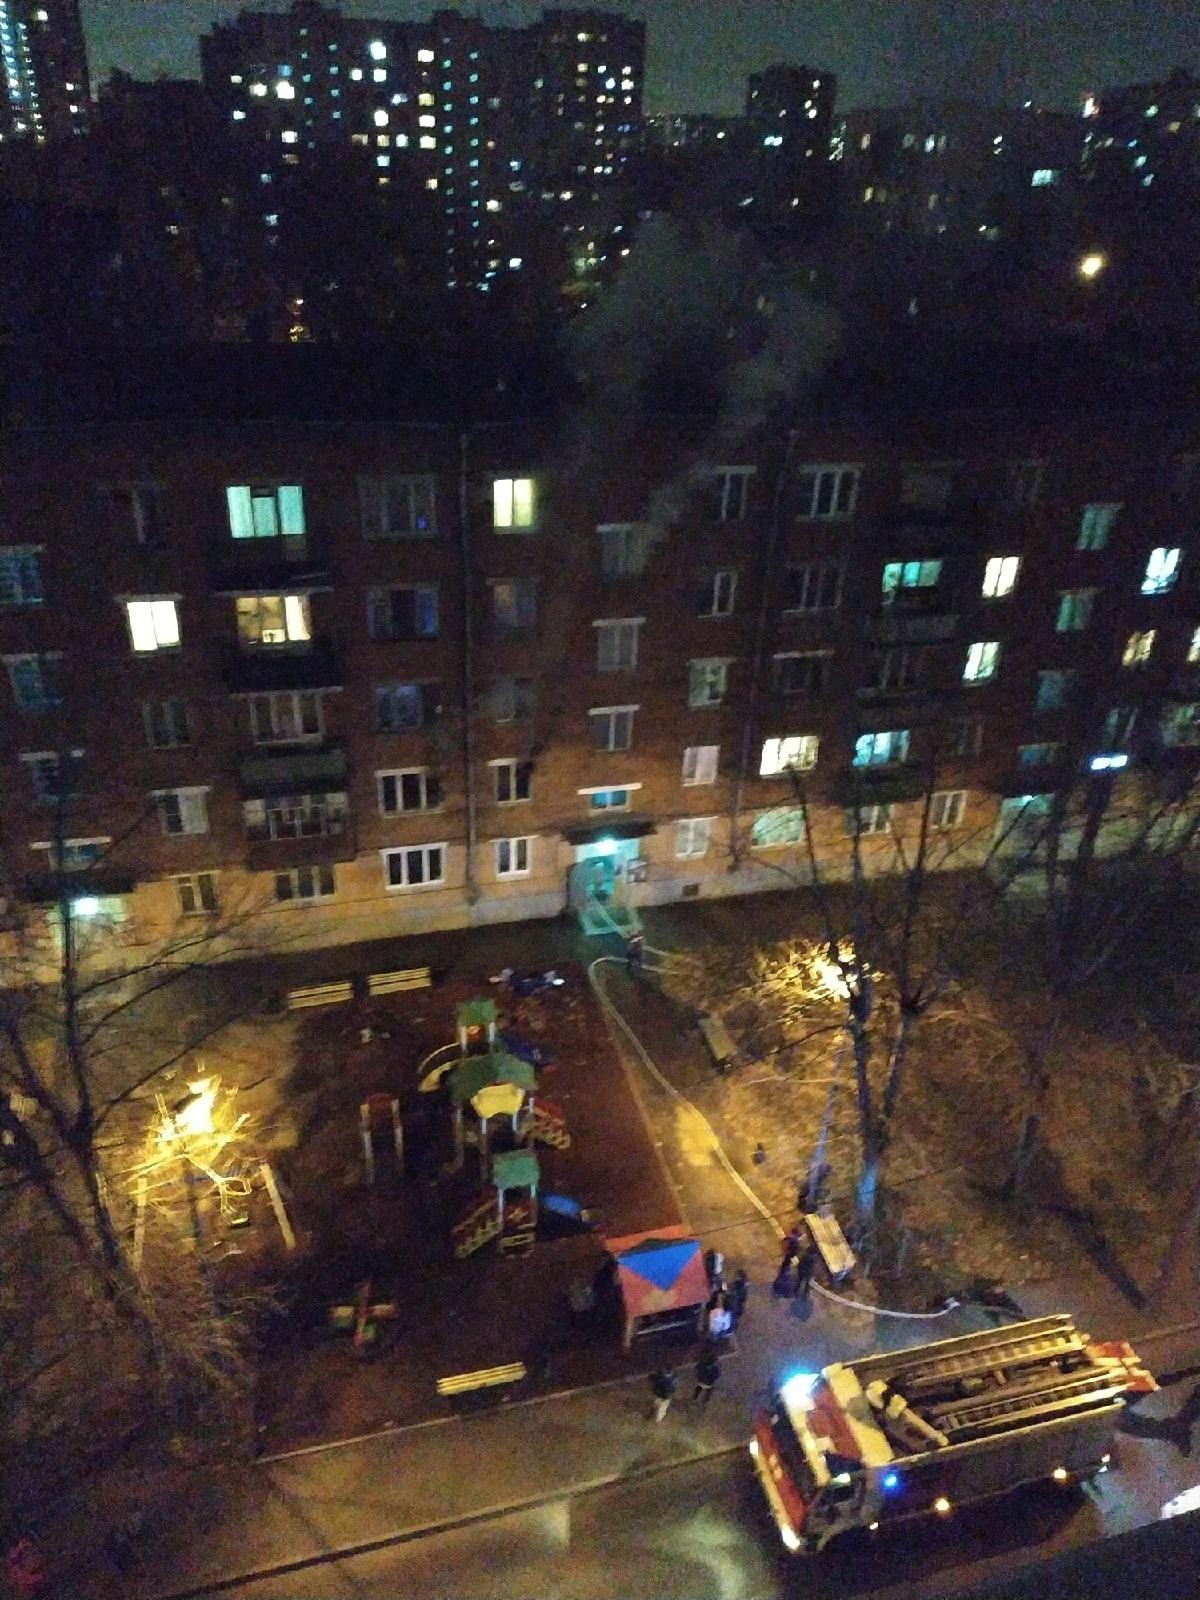 Один человек погиб в результате пожара в квартире на северо-востоке столицы, сообщил Агентству городских новостей «Москва» источник в экстренных службах.